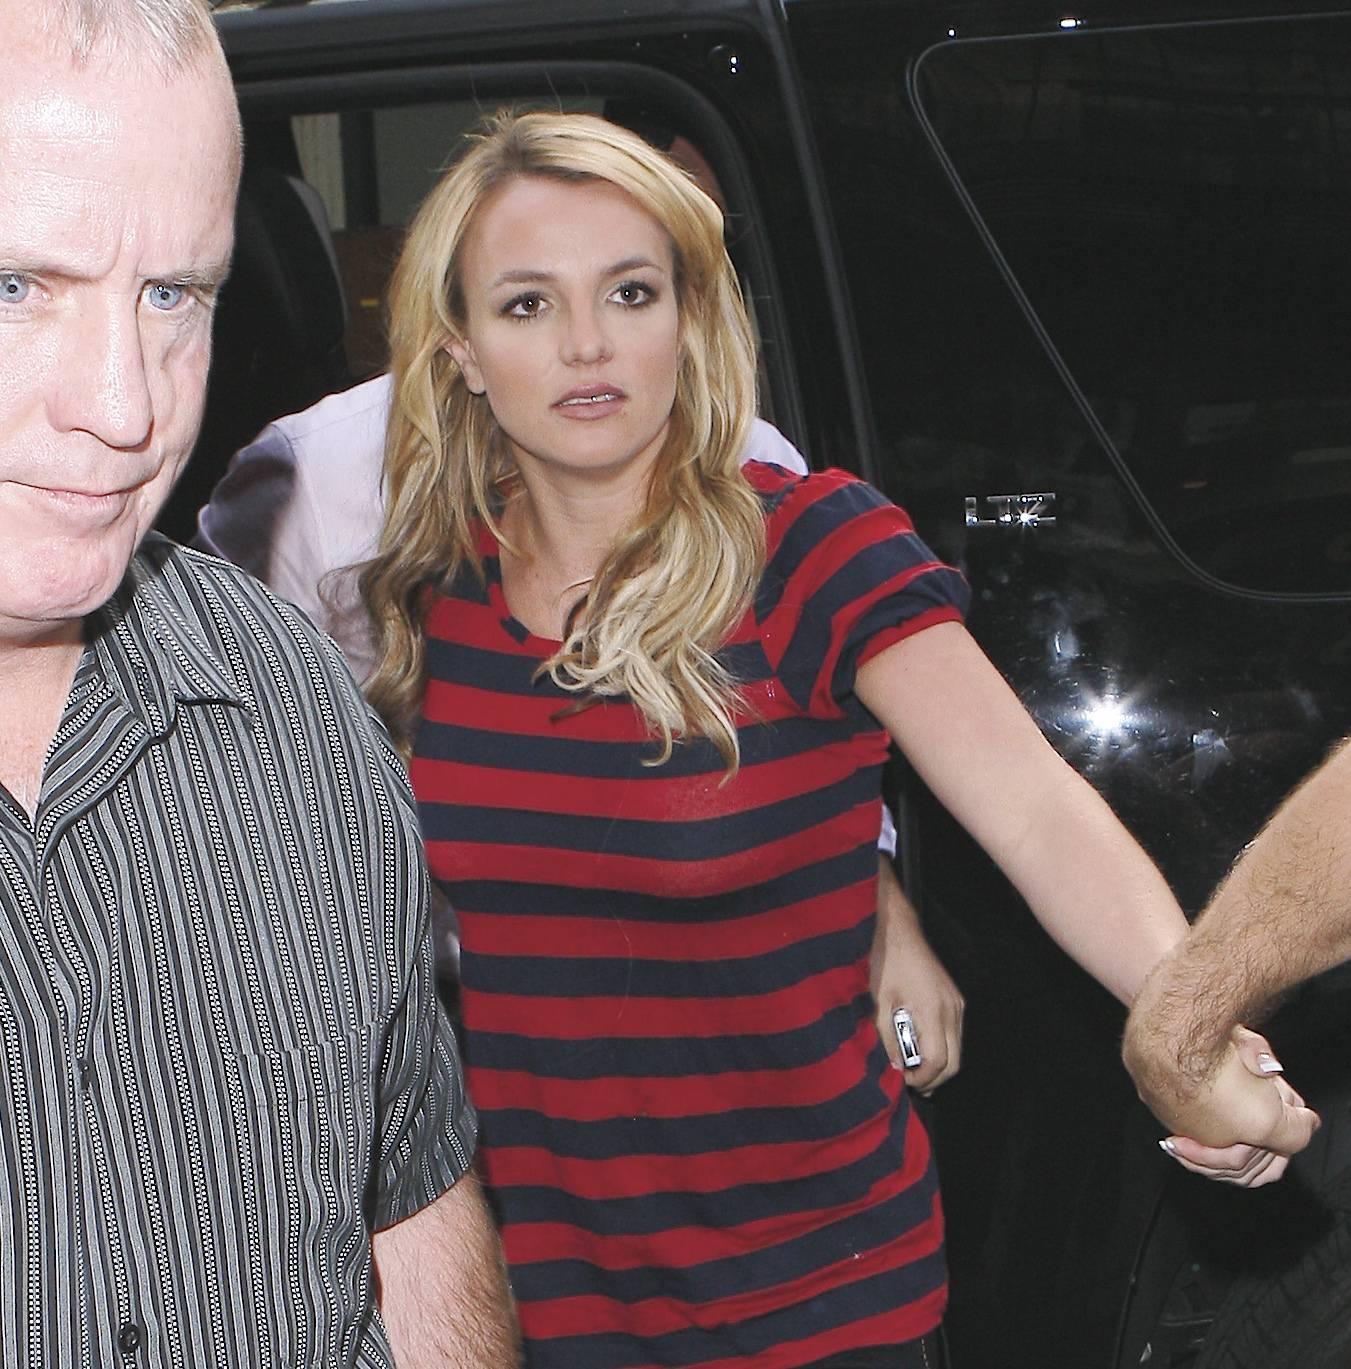 07159_Celebutopia-Britney_Spears_shopping_in_Soho-10_122_200lo.jpg